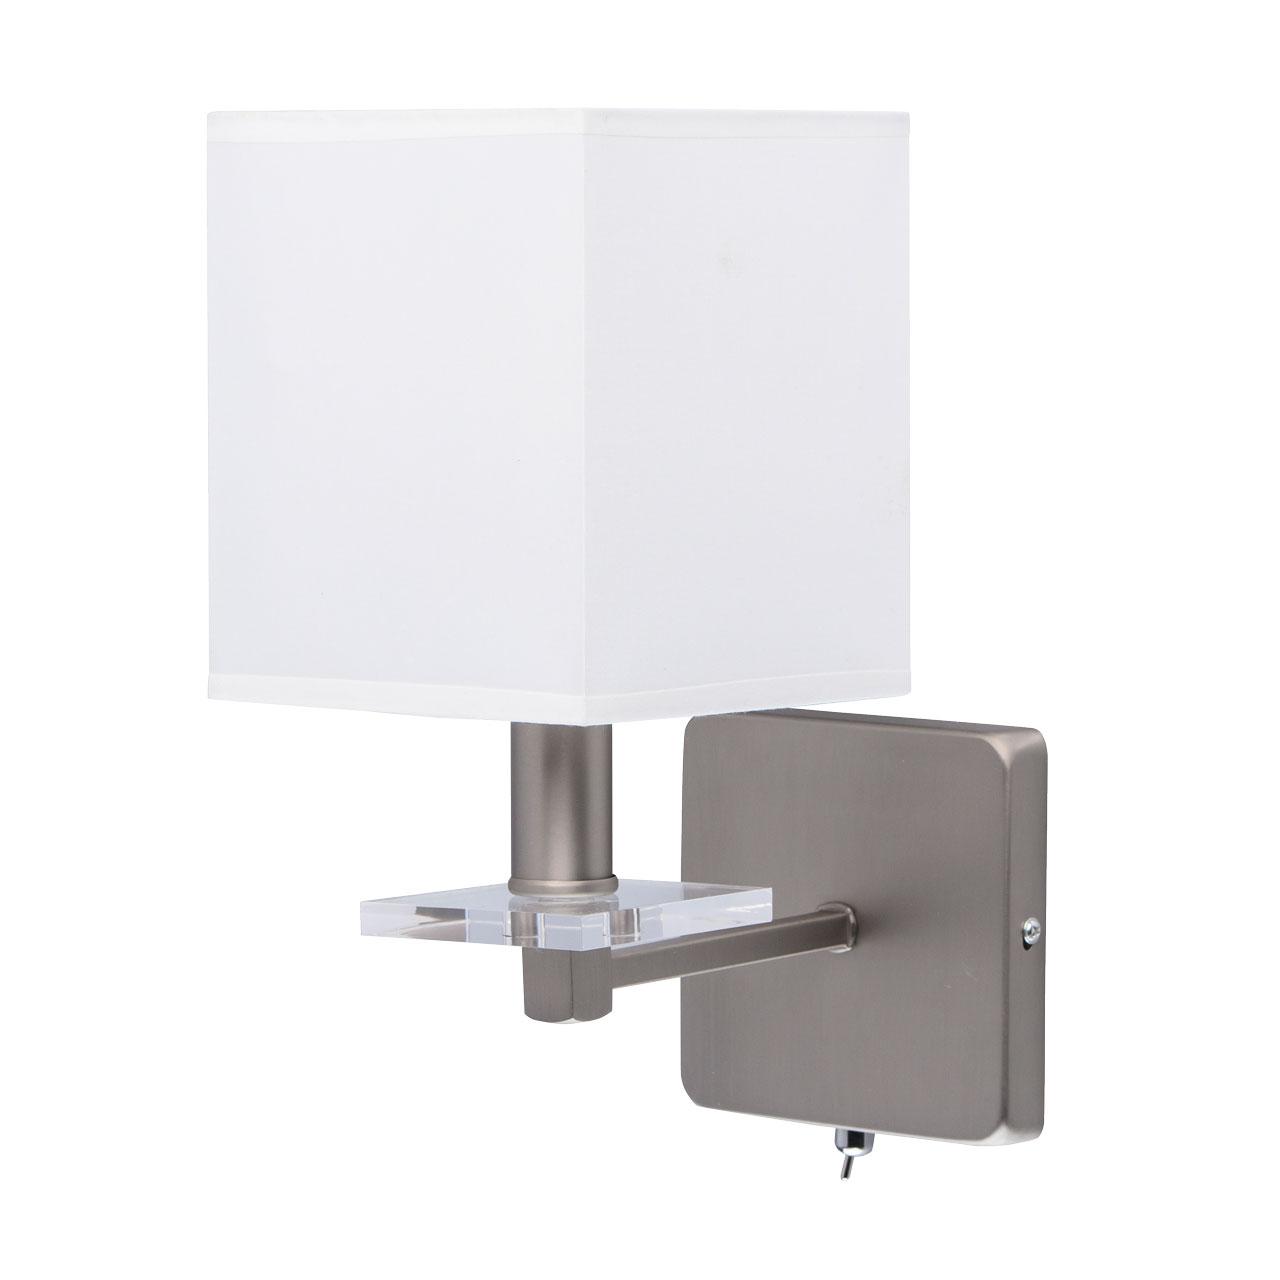 все цены на Бра MW-Light Прато 4 101021401 онлайн